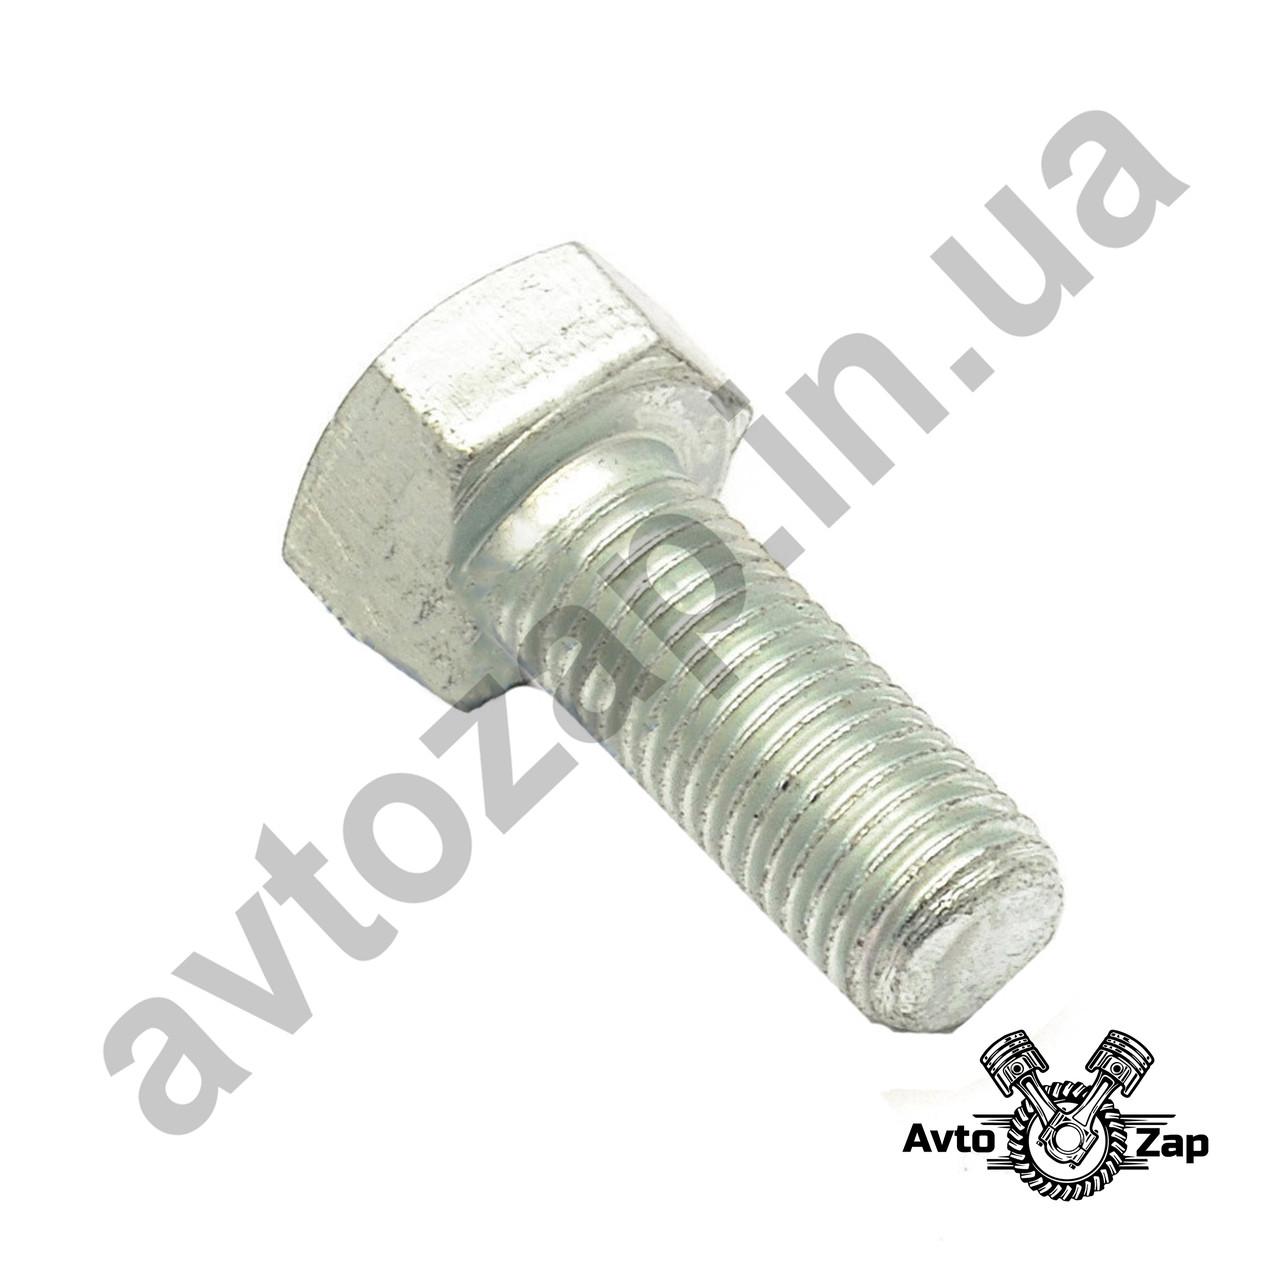 Болт М10х25 (ш. 1,25) суппорта ВАЗ 2101-07    16559